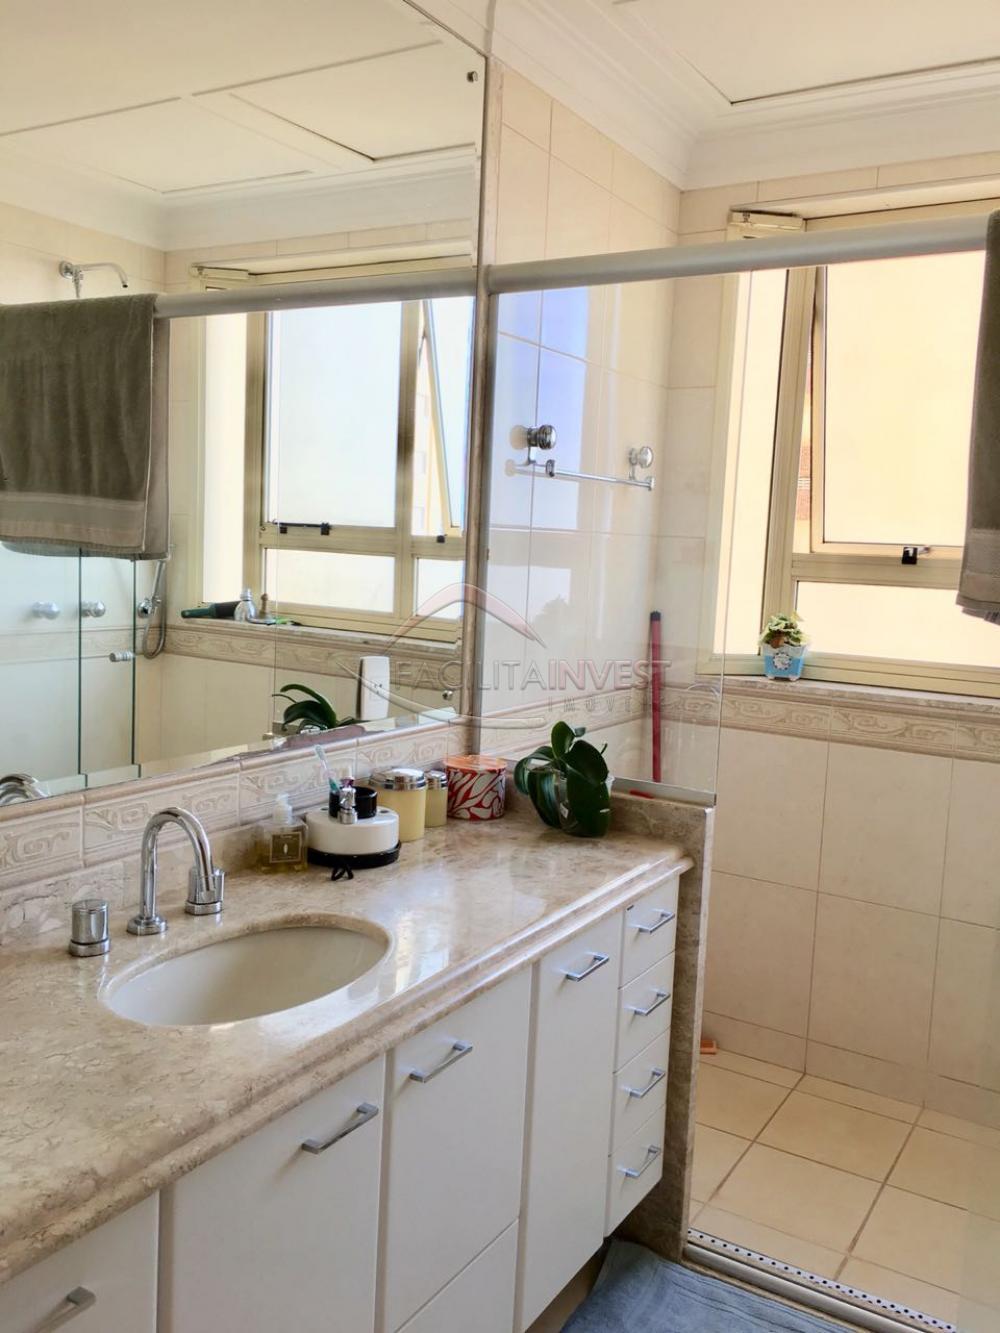 Alugar Apartamentos / Apart. Padrão em Ribeirão Preto apenas R$ 4.500,00 - Foto 24